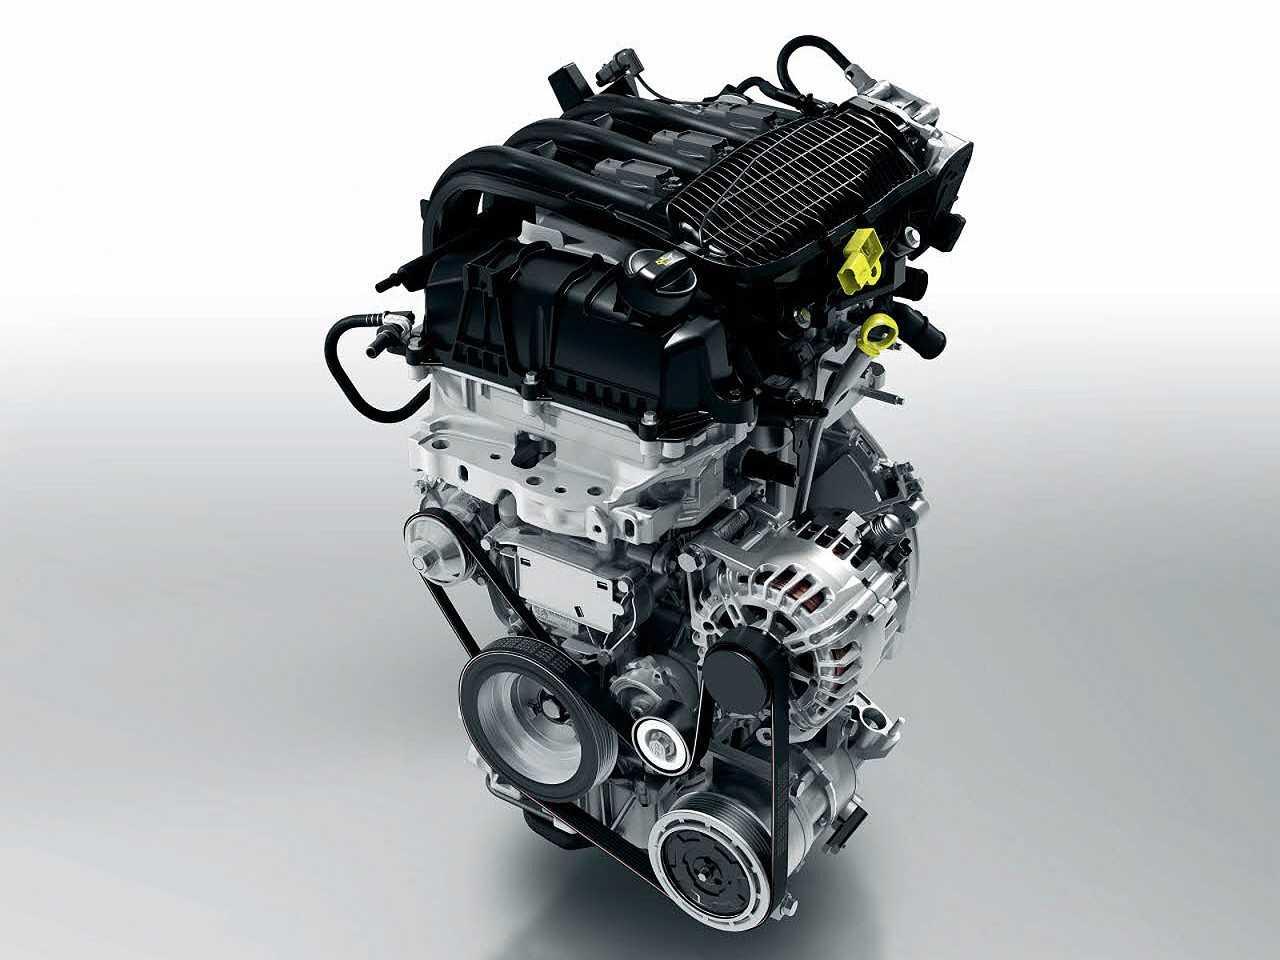 Novo motor 1.2 3 cilindros flex da PSA no Brasil